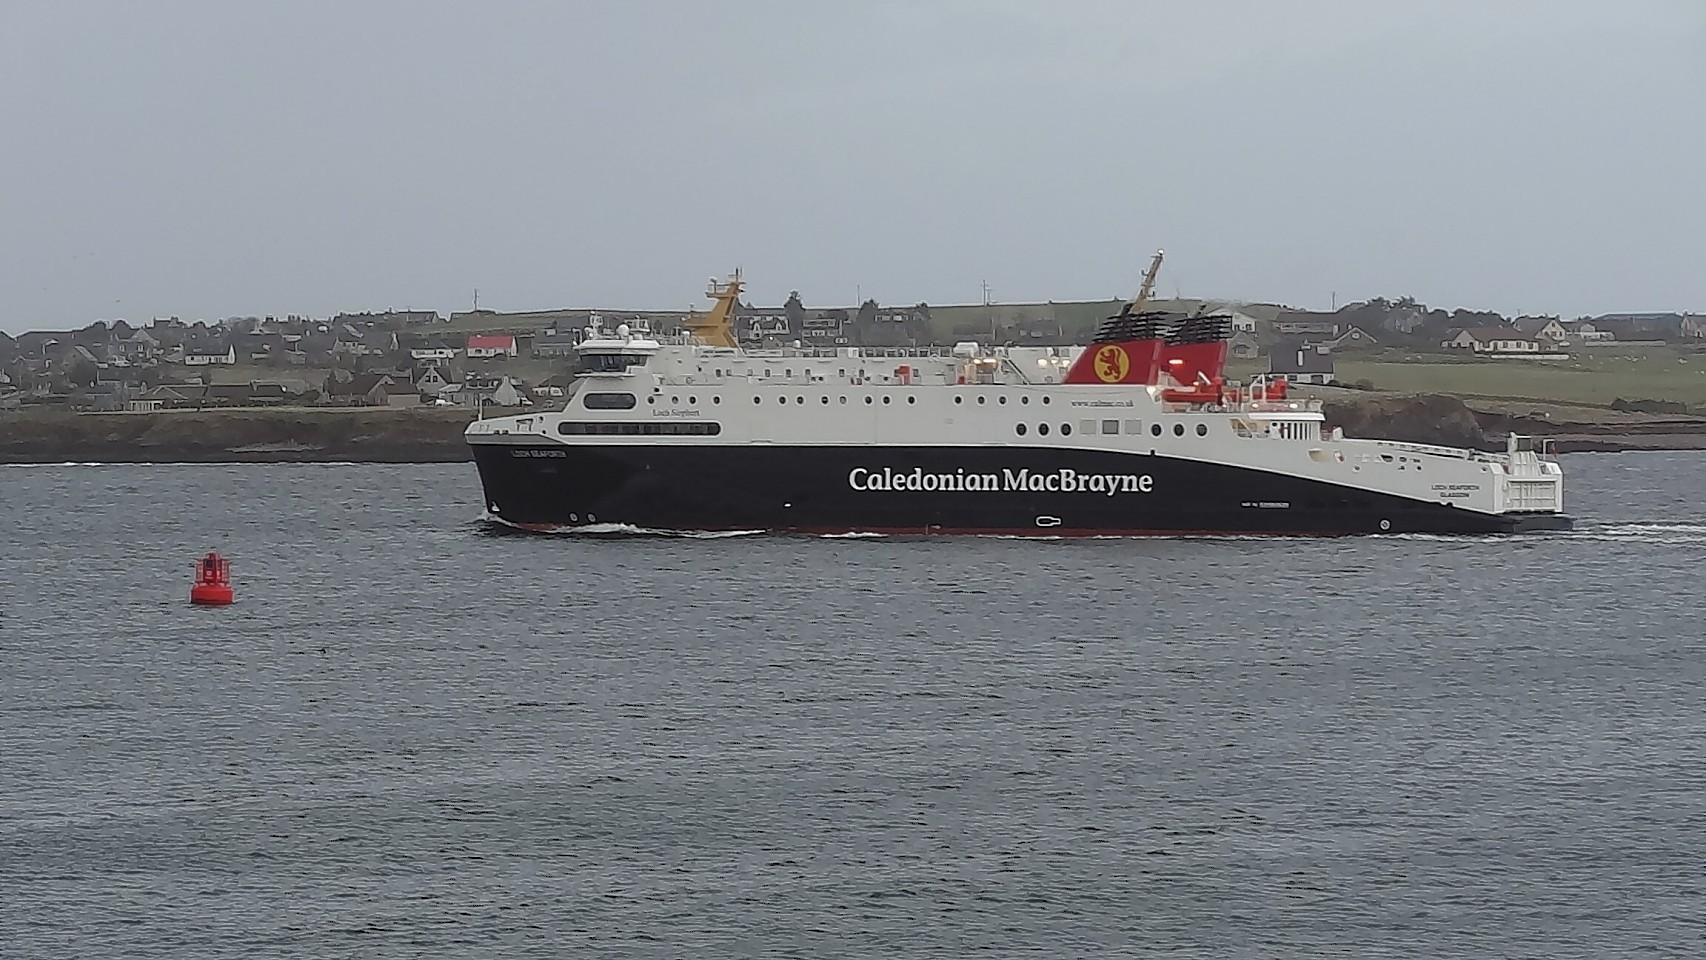 The MV Loch Seaforth